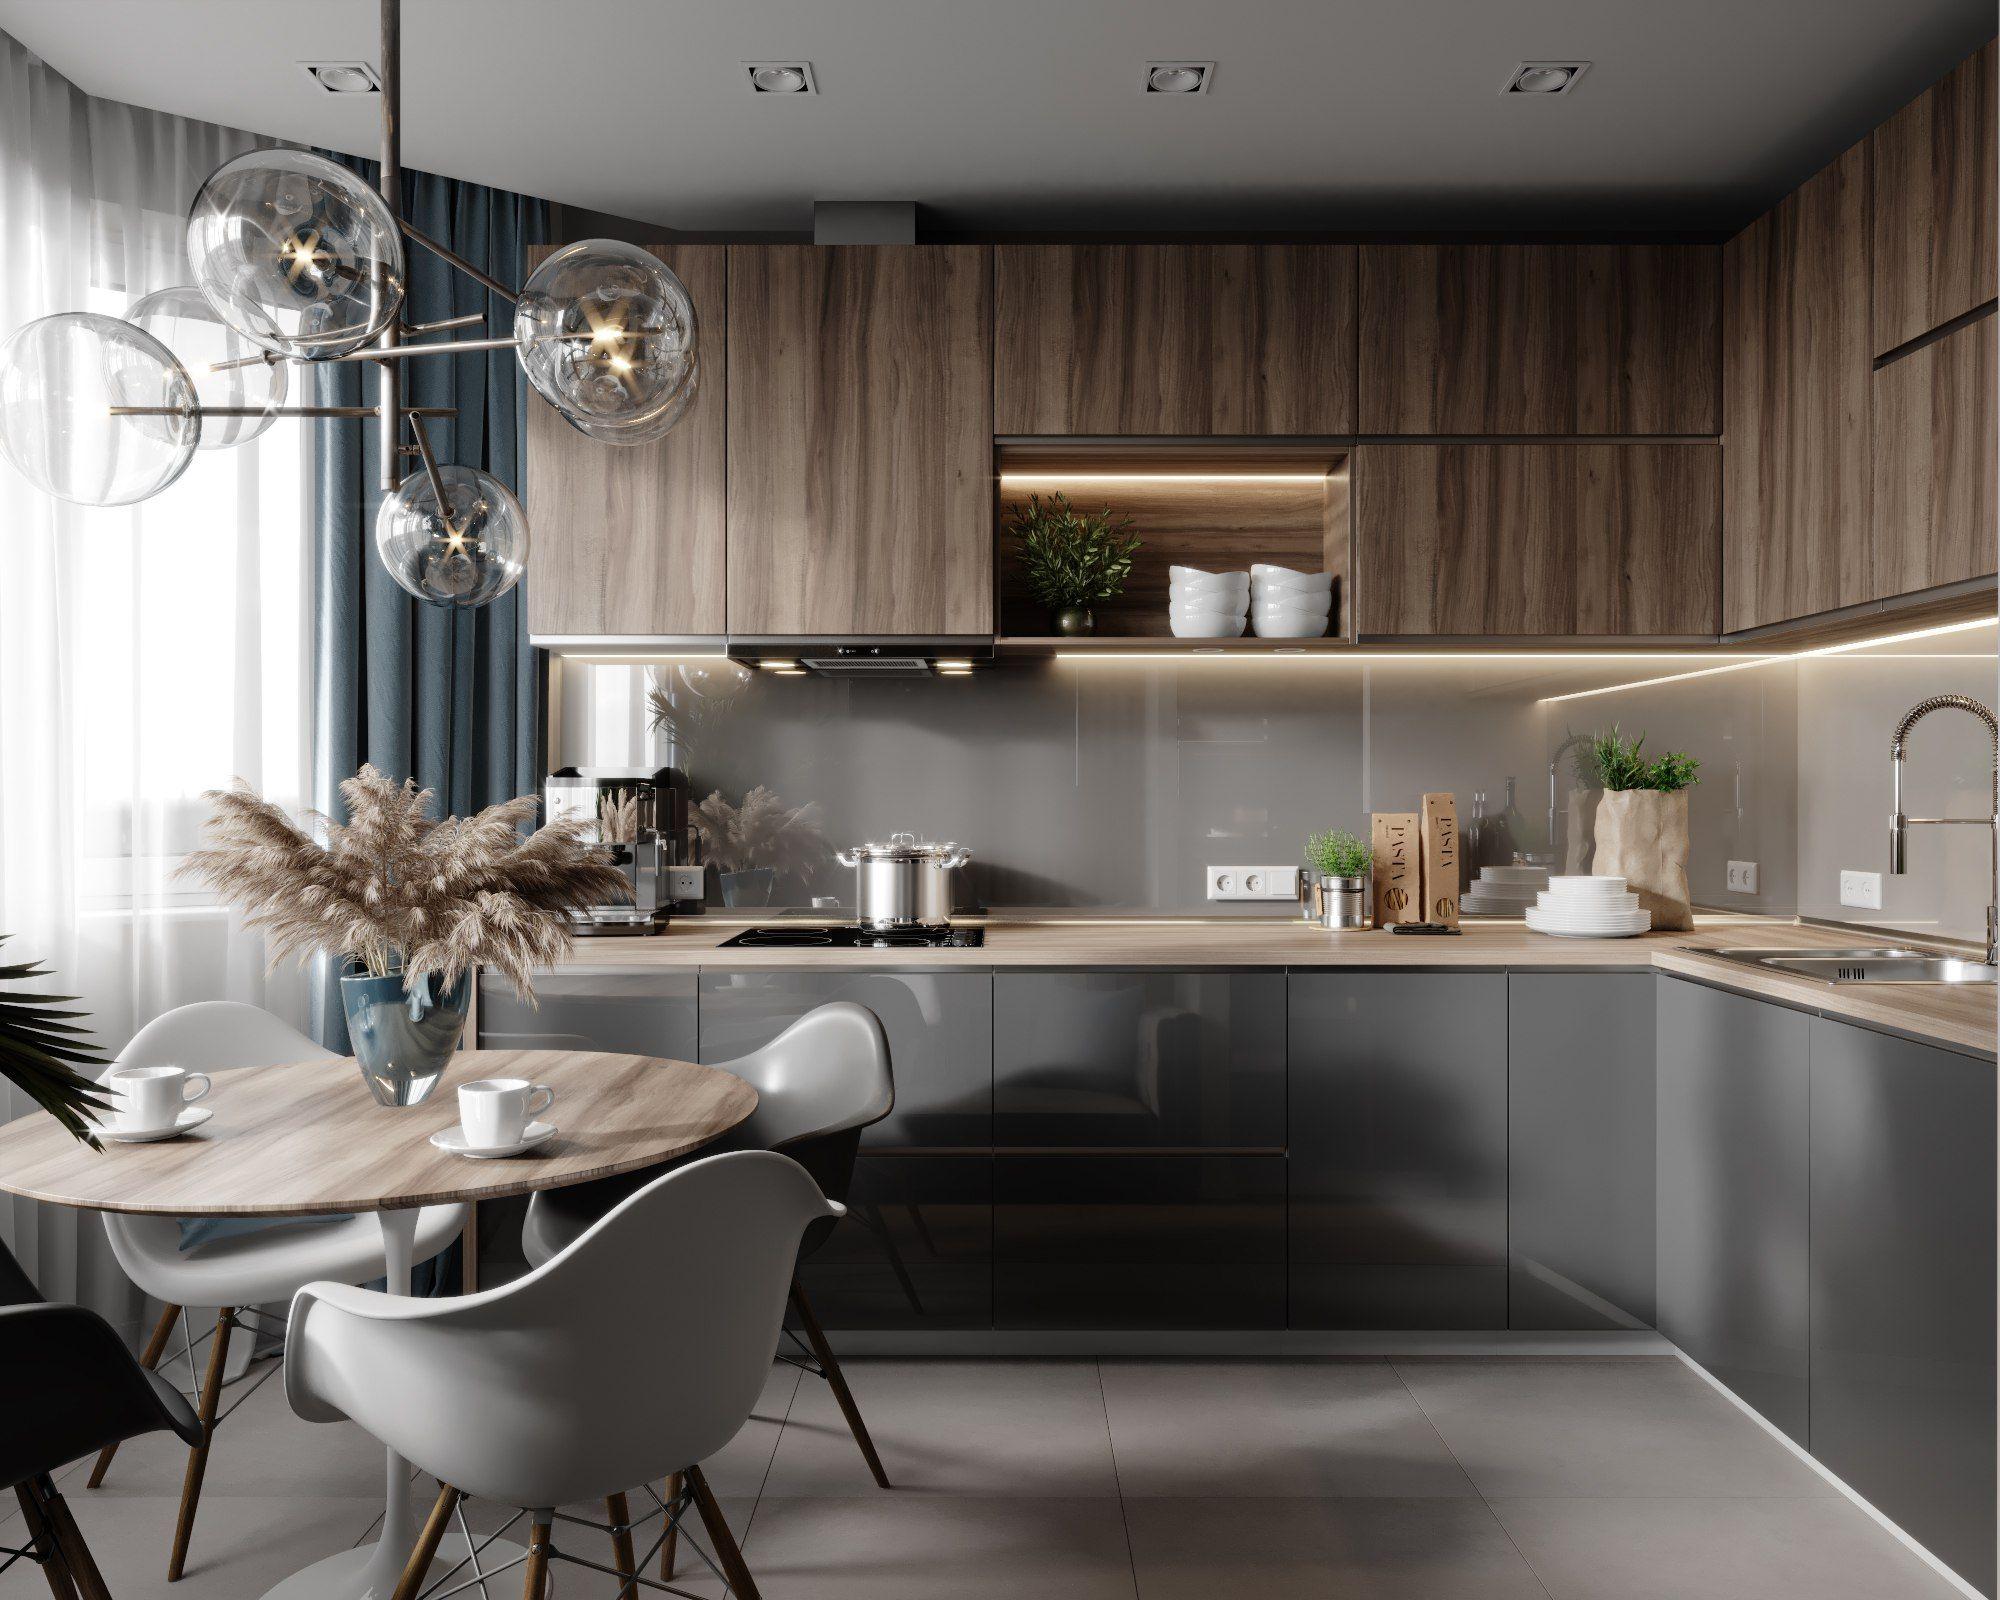 Дизайн маленькой кухни 2020: креативные идеи по преображению небольшого пространства (фото)